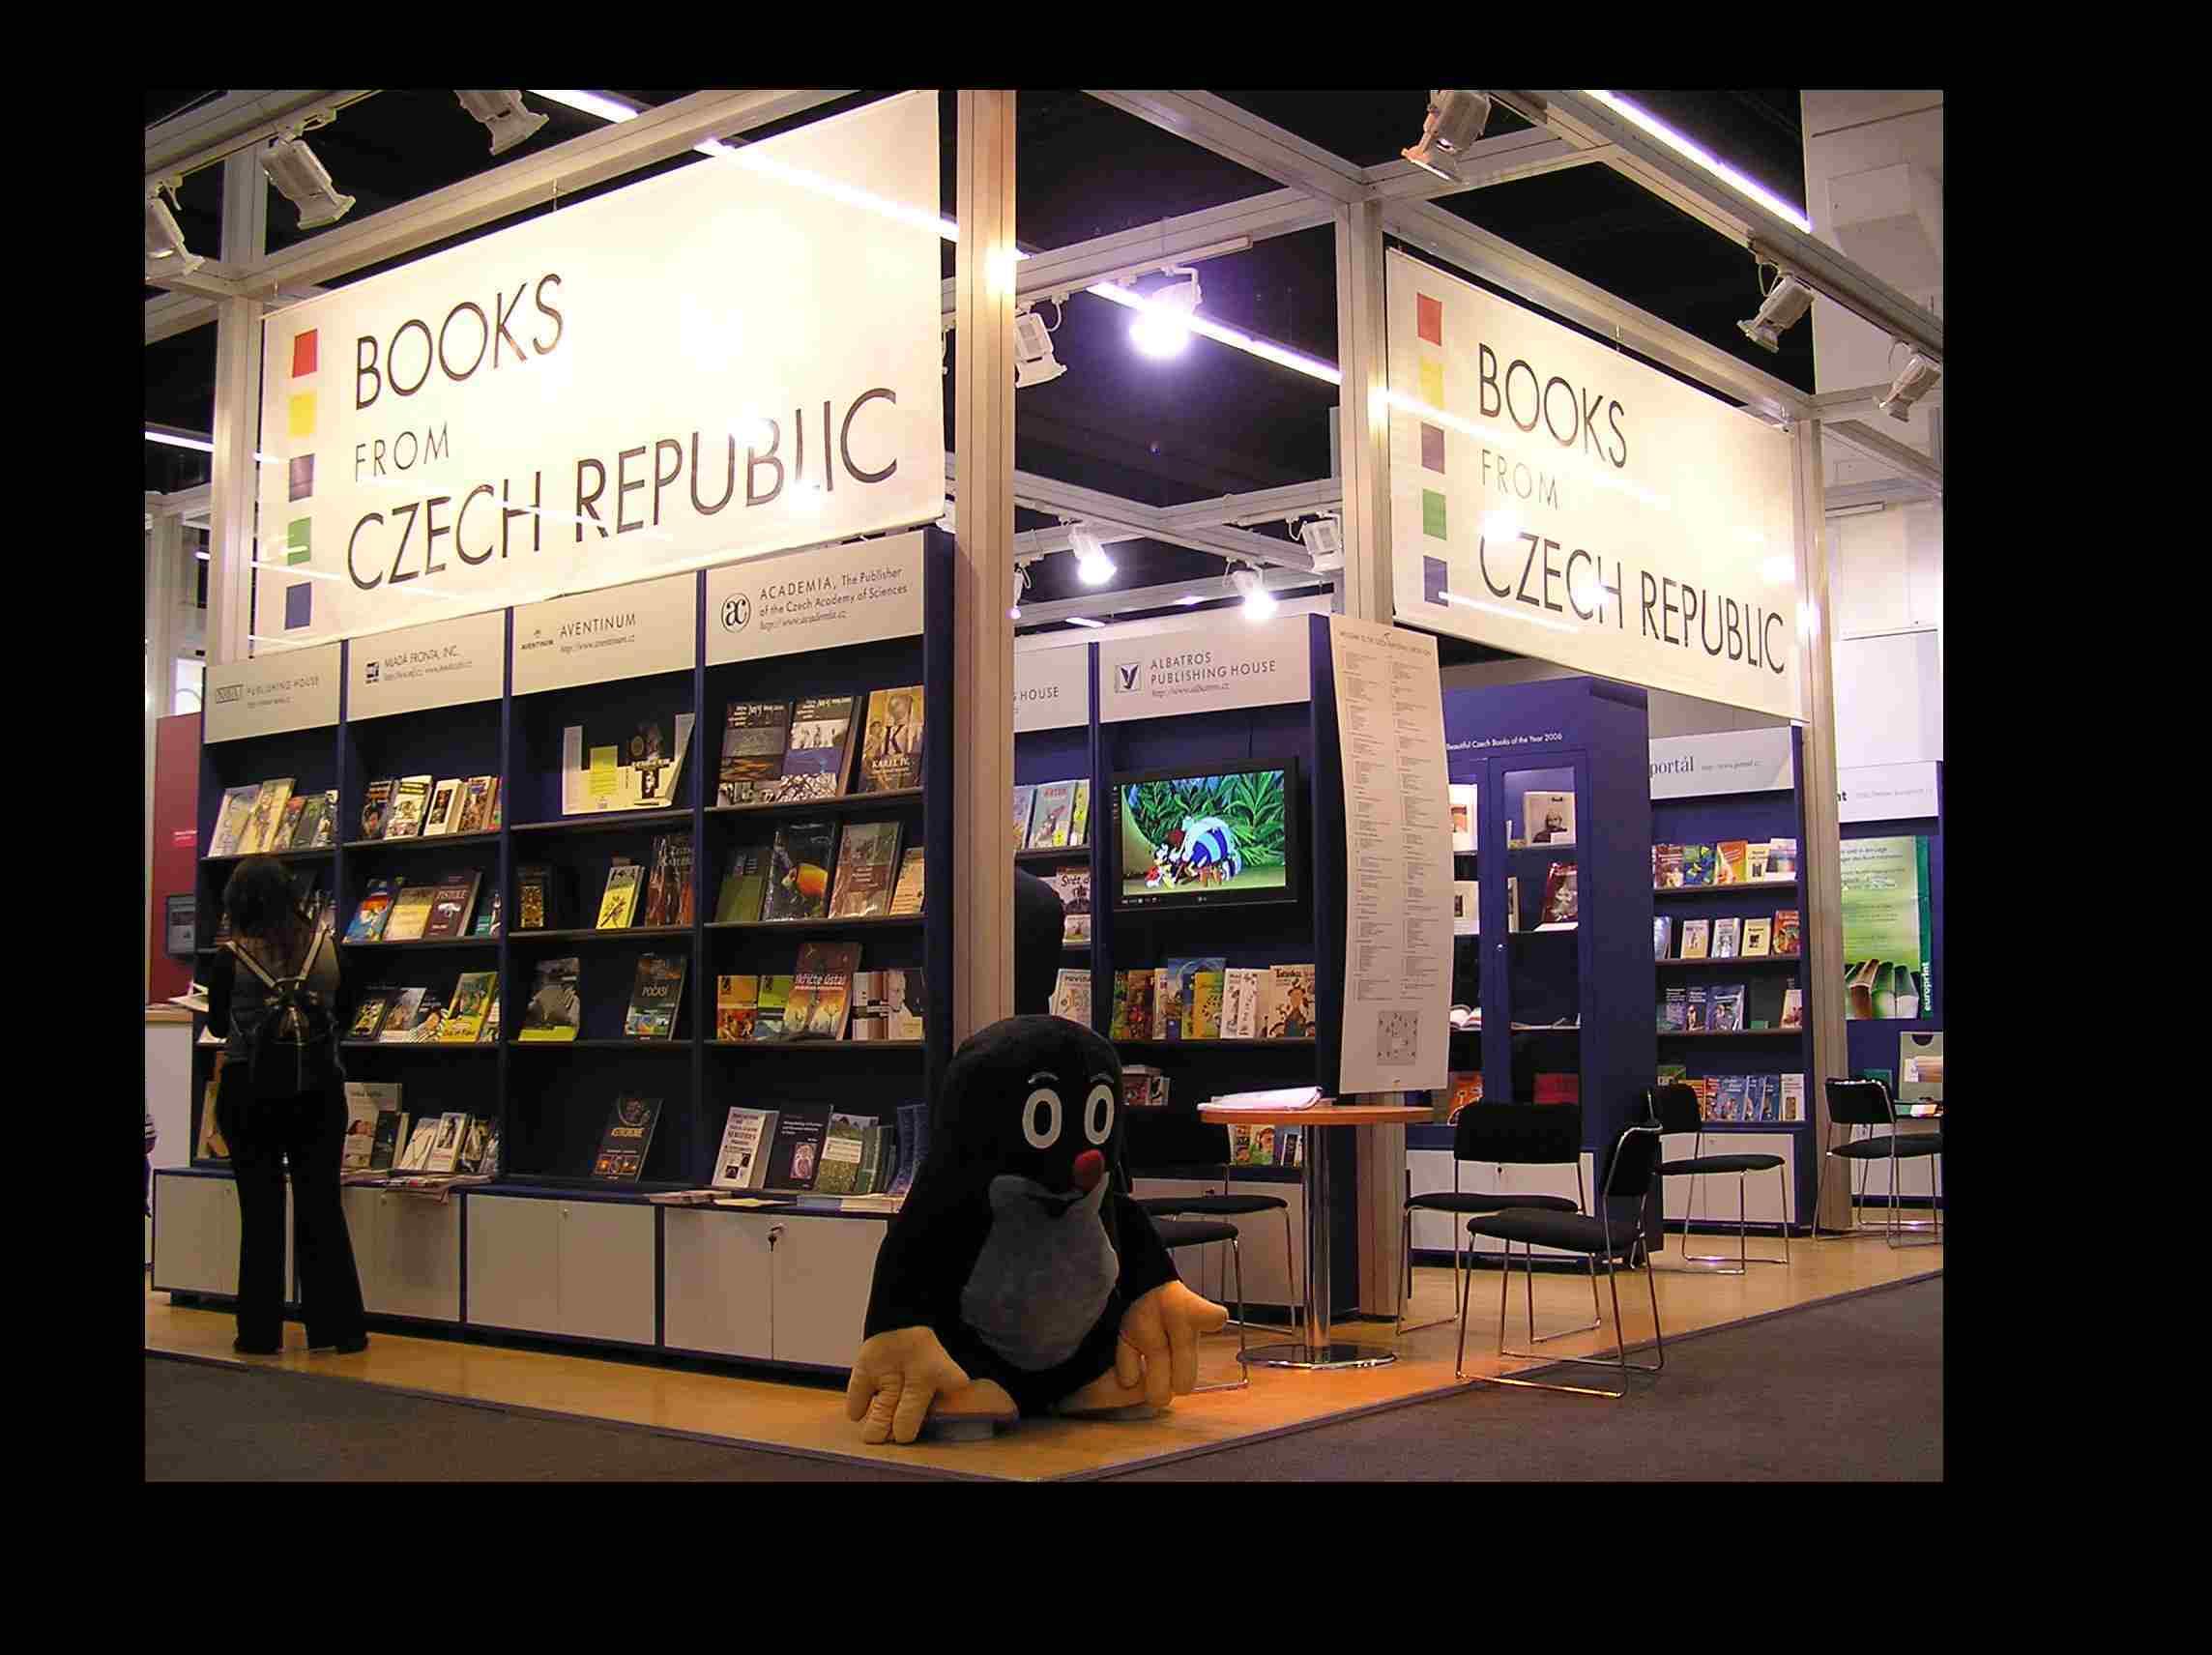 """Obr. 3: Jak jsem se dozvěděl ze Světa knihy, krtek byl součástí prezentace nakladatelství Albatros, ale návštěvníky byl podle mne spojován s naším stánkem obecně. Reakce prý byly časté a veskrze pozitivní (vlastní fotografii s krtečkem si z veletrhu odnášelo dost lidí), což je důkazem toho, že krteček je v Německu relativně dobře známý a populární. Na Wikipedii se sice jako perzonifikace České republiky uvádí Jára Cimrman, ten by ale většině Němců nic neřekl, zato krteček jako český maskot zafungoval docela dobře. Vždyť měl v Německu dokonce i vlastní internetové stránky, které byly zřejmě tak úspěšné, že musely být na nátlak držitelů autorských práv staženy. Krteček nechal na stránkách pouze vzkaz: """"jsem v Praze"""" a jeho krátký pobyt ve Frankfurtu mohli Němci chápat jako určitou, i když nedostatečnou, satisfakci."""